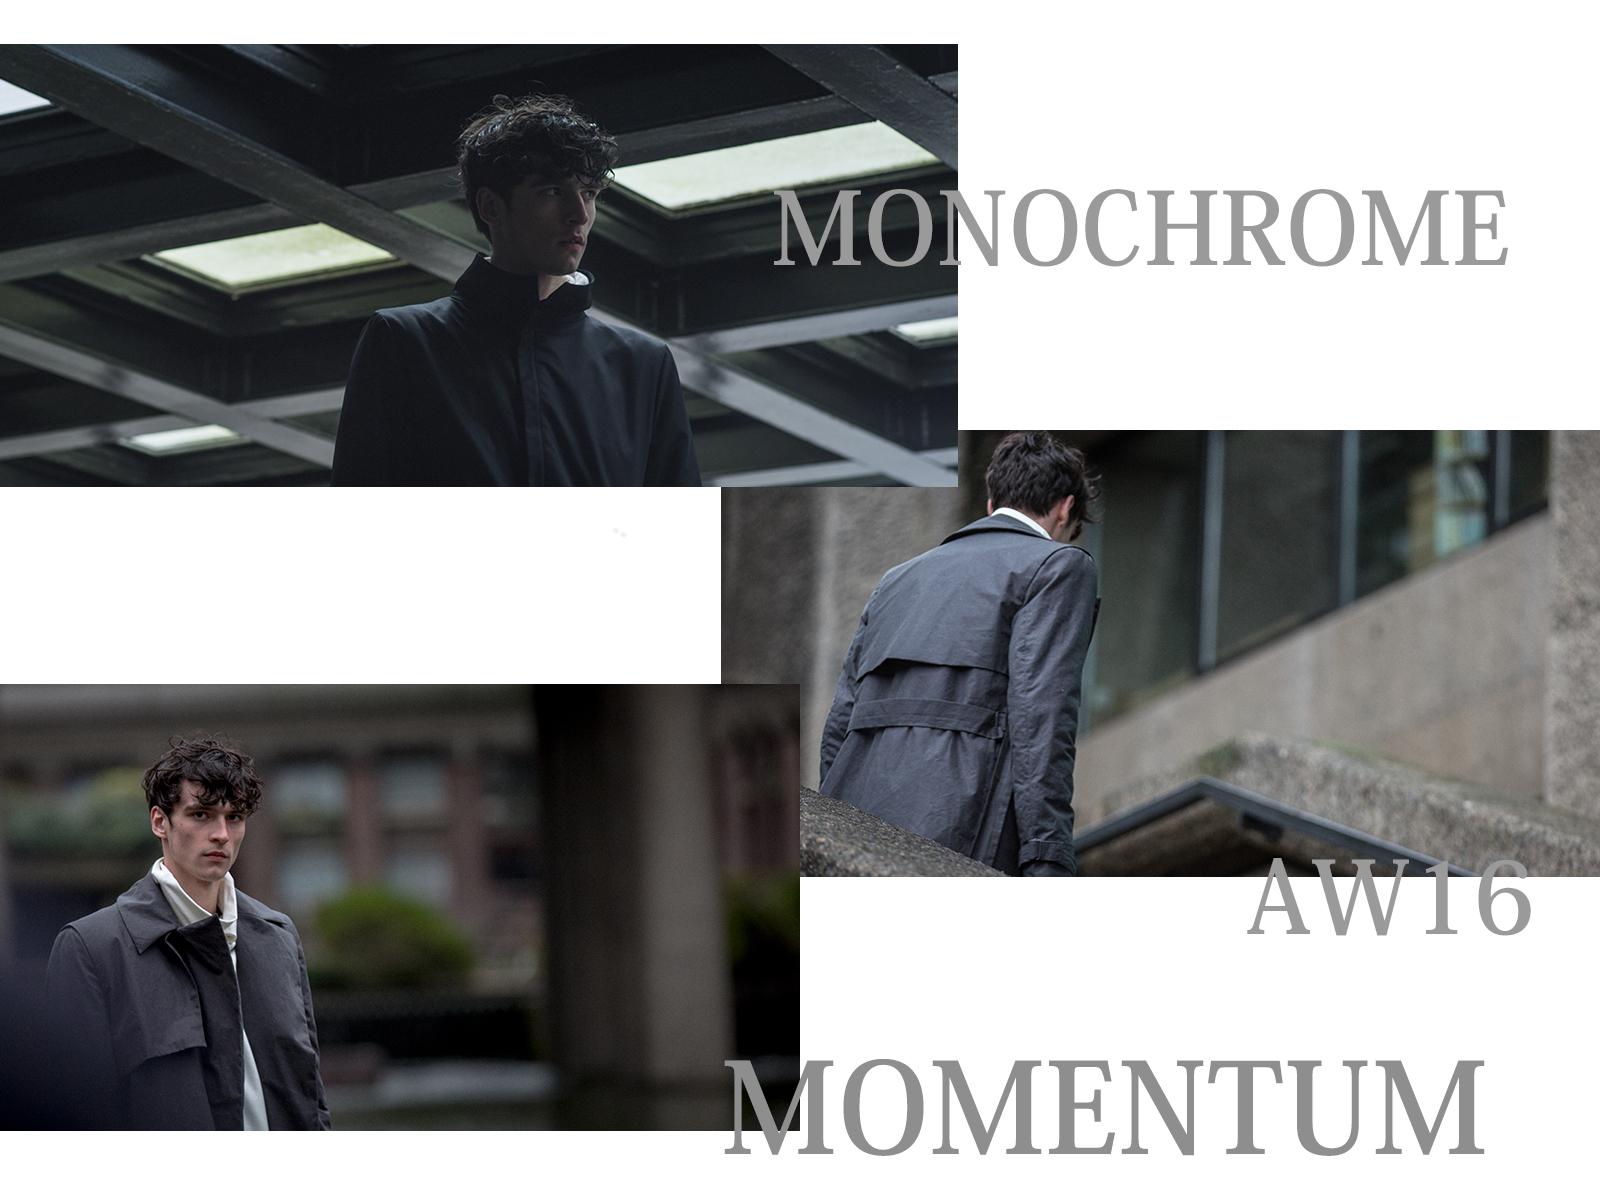 MONOCHROME – ミニマルなデザイン